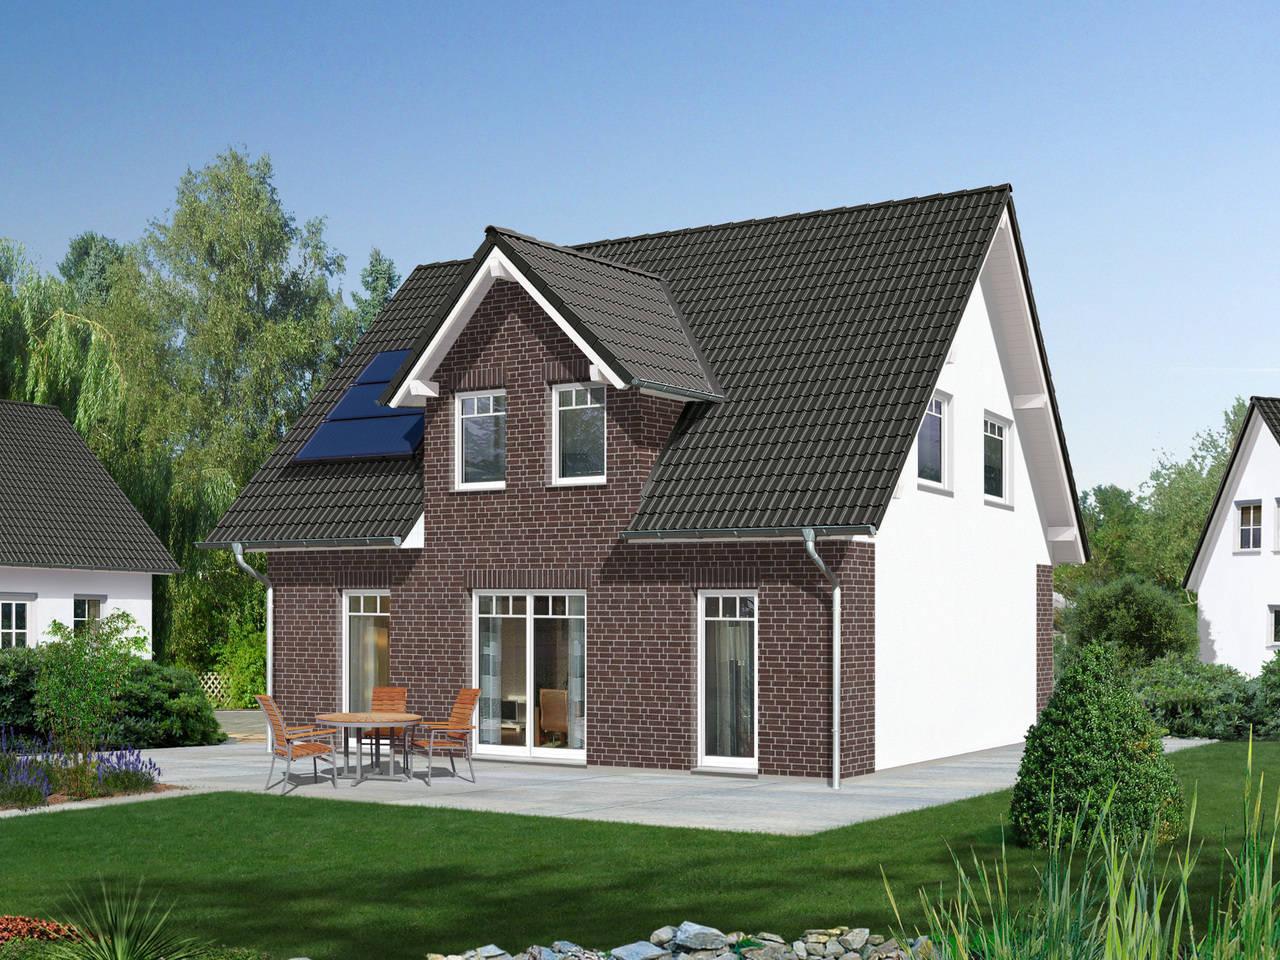 Haus Flair 113 Klinkerriemchen von Bauprojektierung Meyer - Town & Country